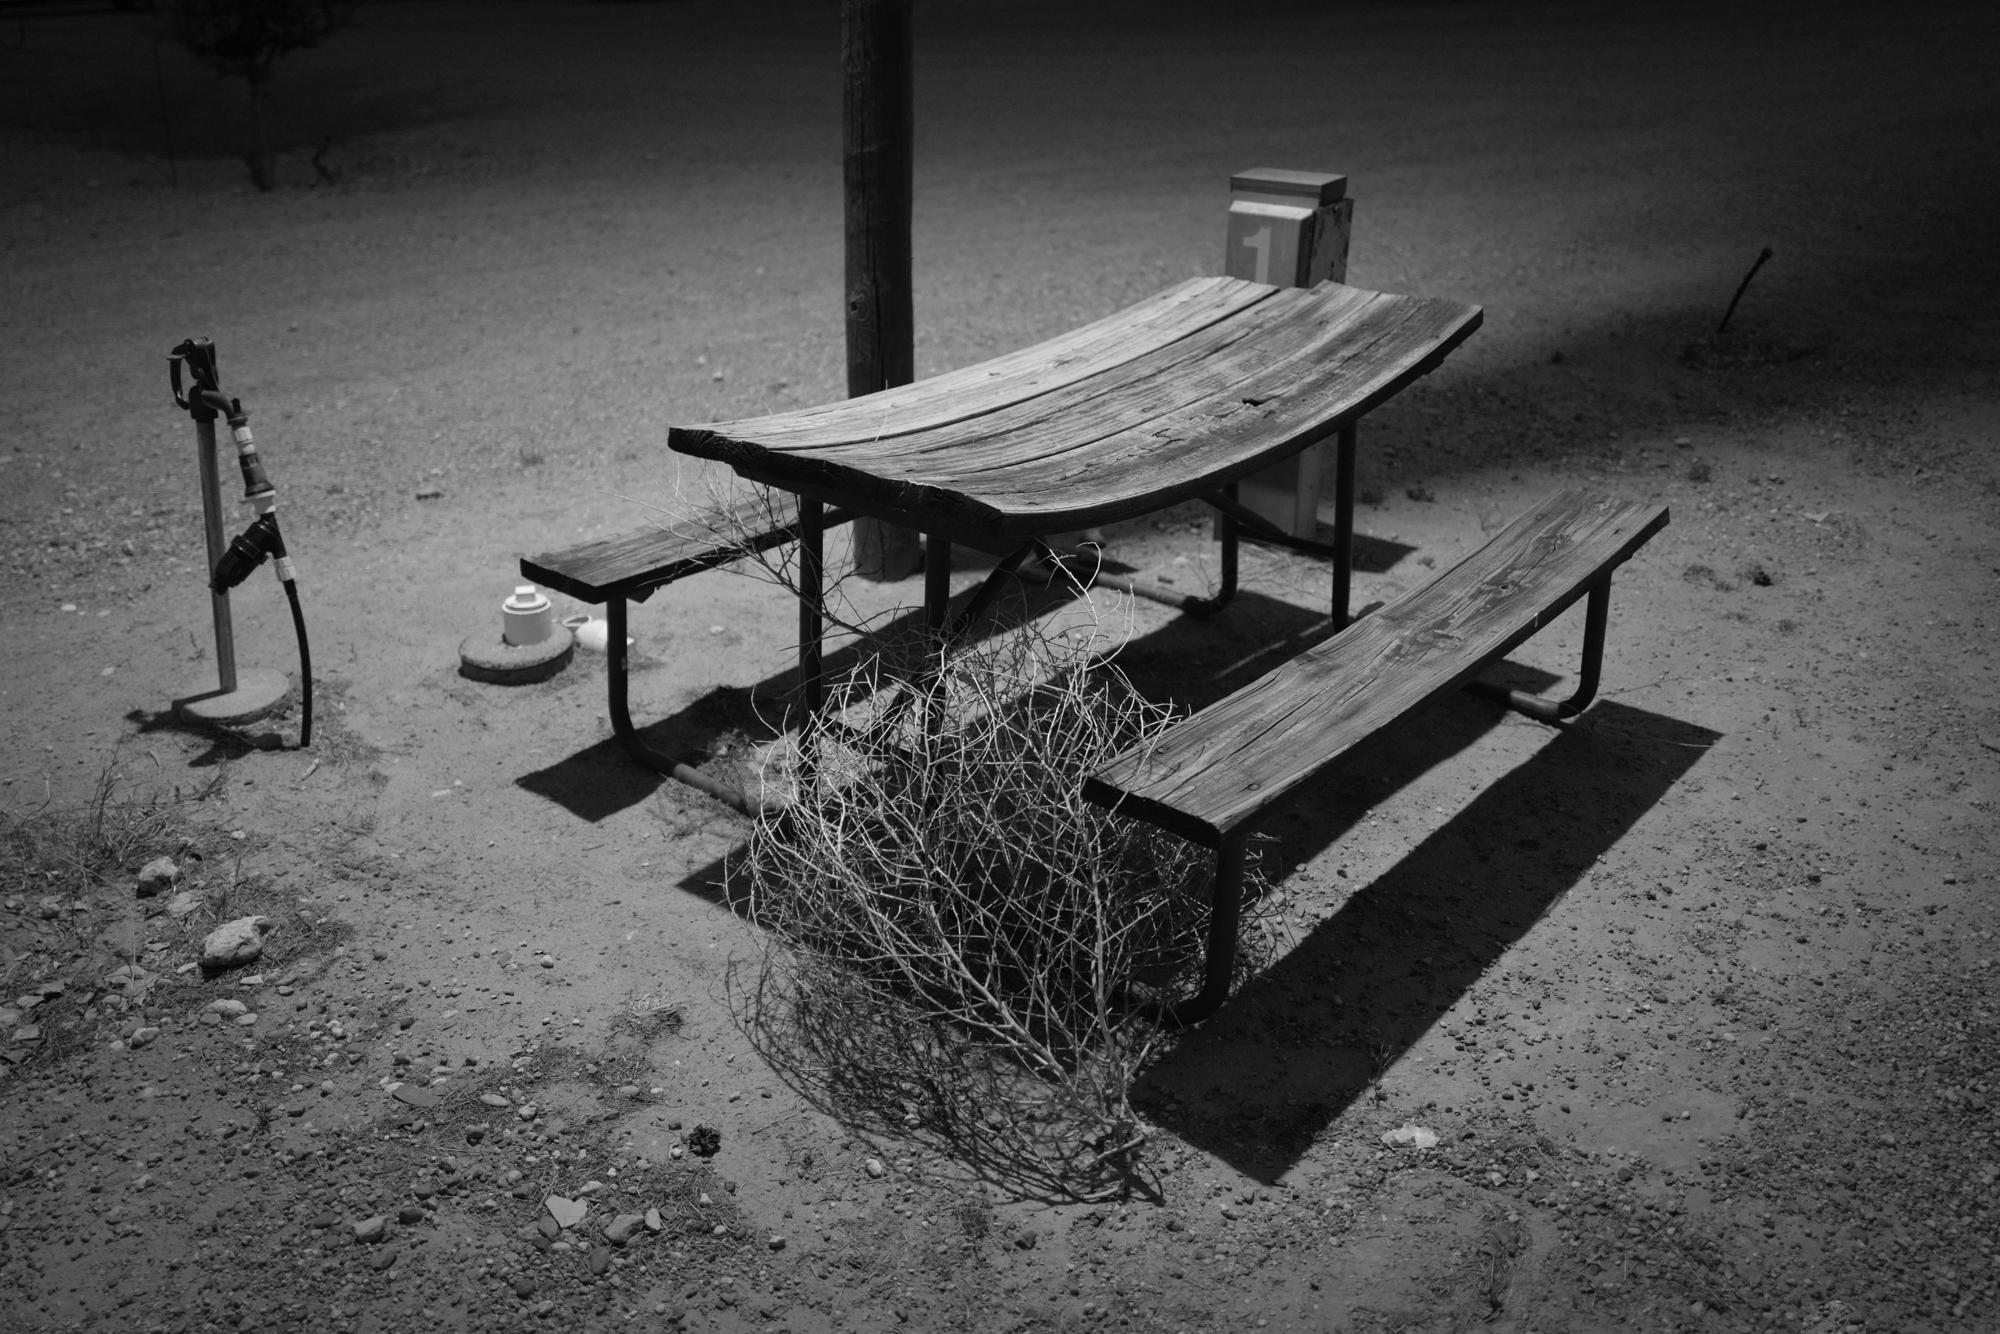 warped_table.JPG